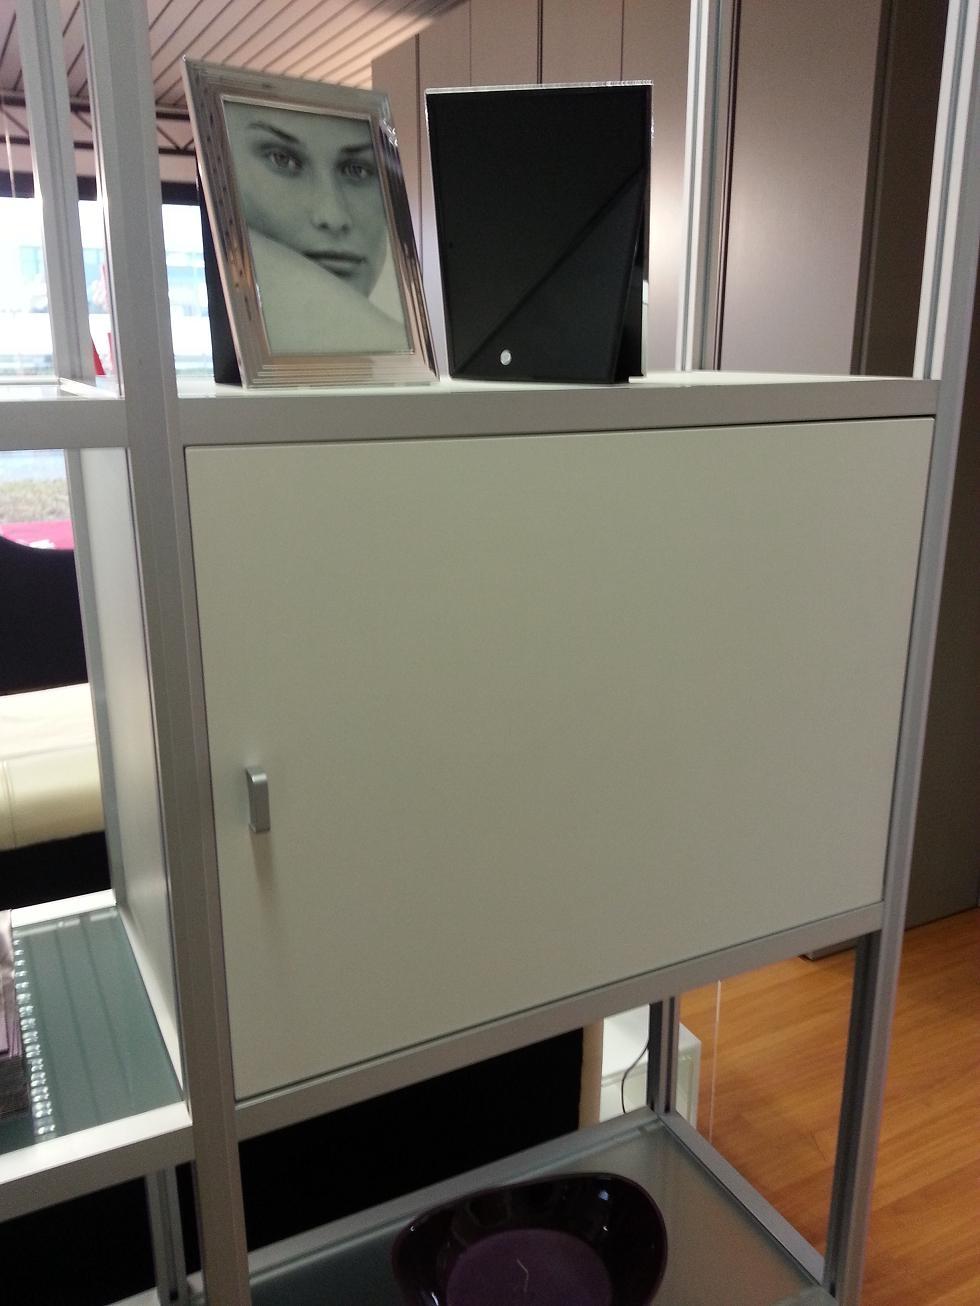 Alluminio anodizzato prezzi idee di design per la casa - Finestre alluminio anodizzato ...